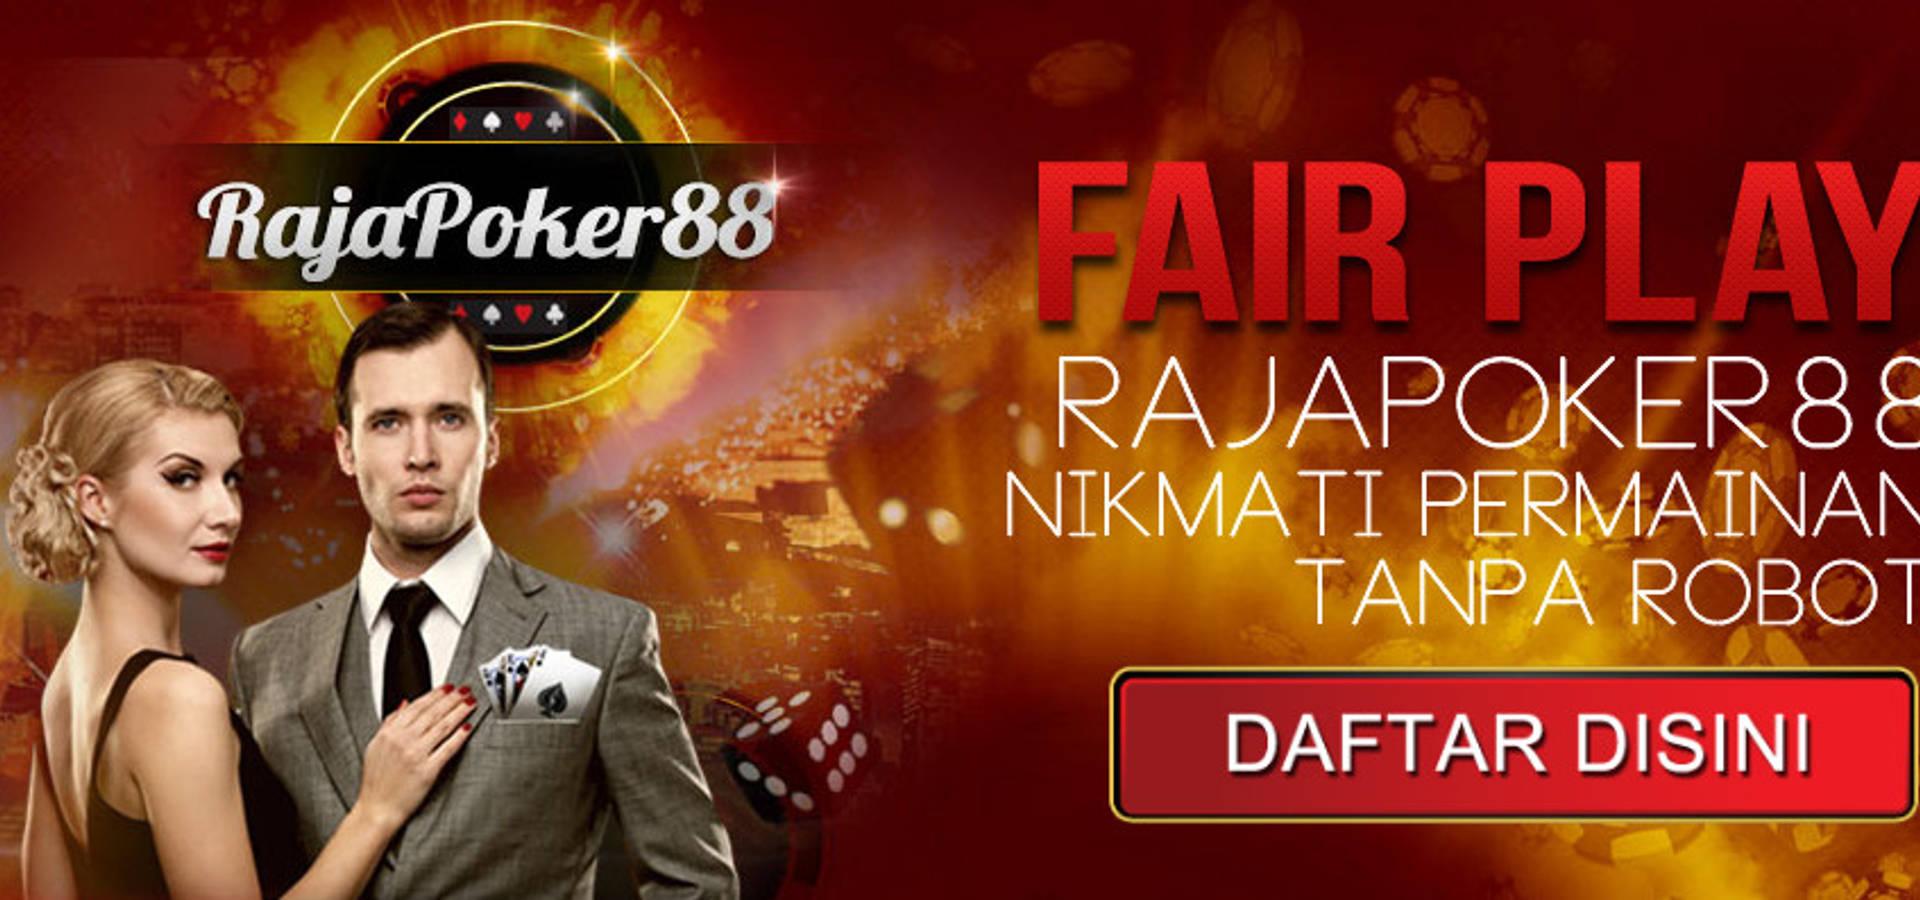 Rajapoker88 Situs Poker Online Deposit Pulsa